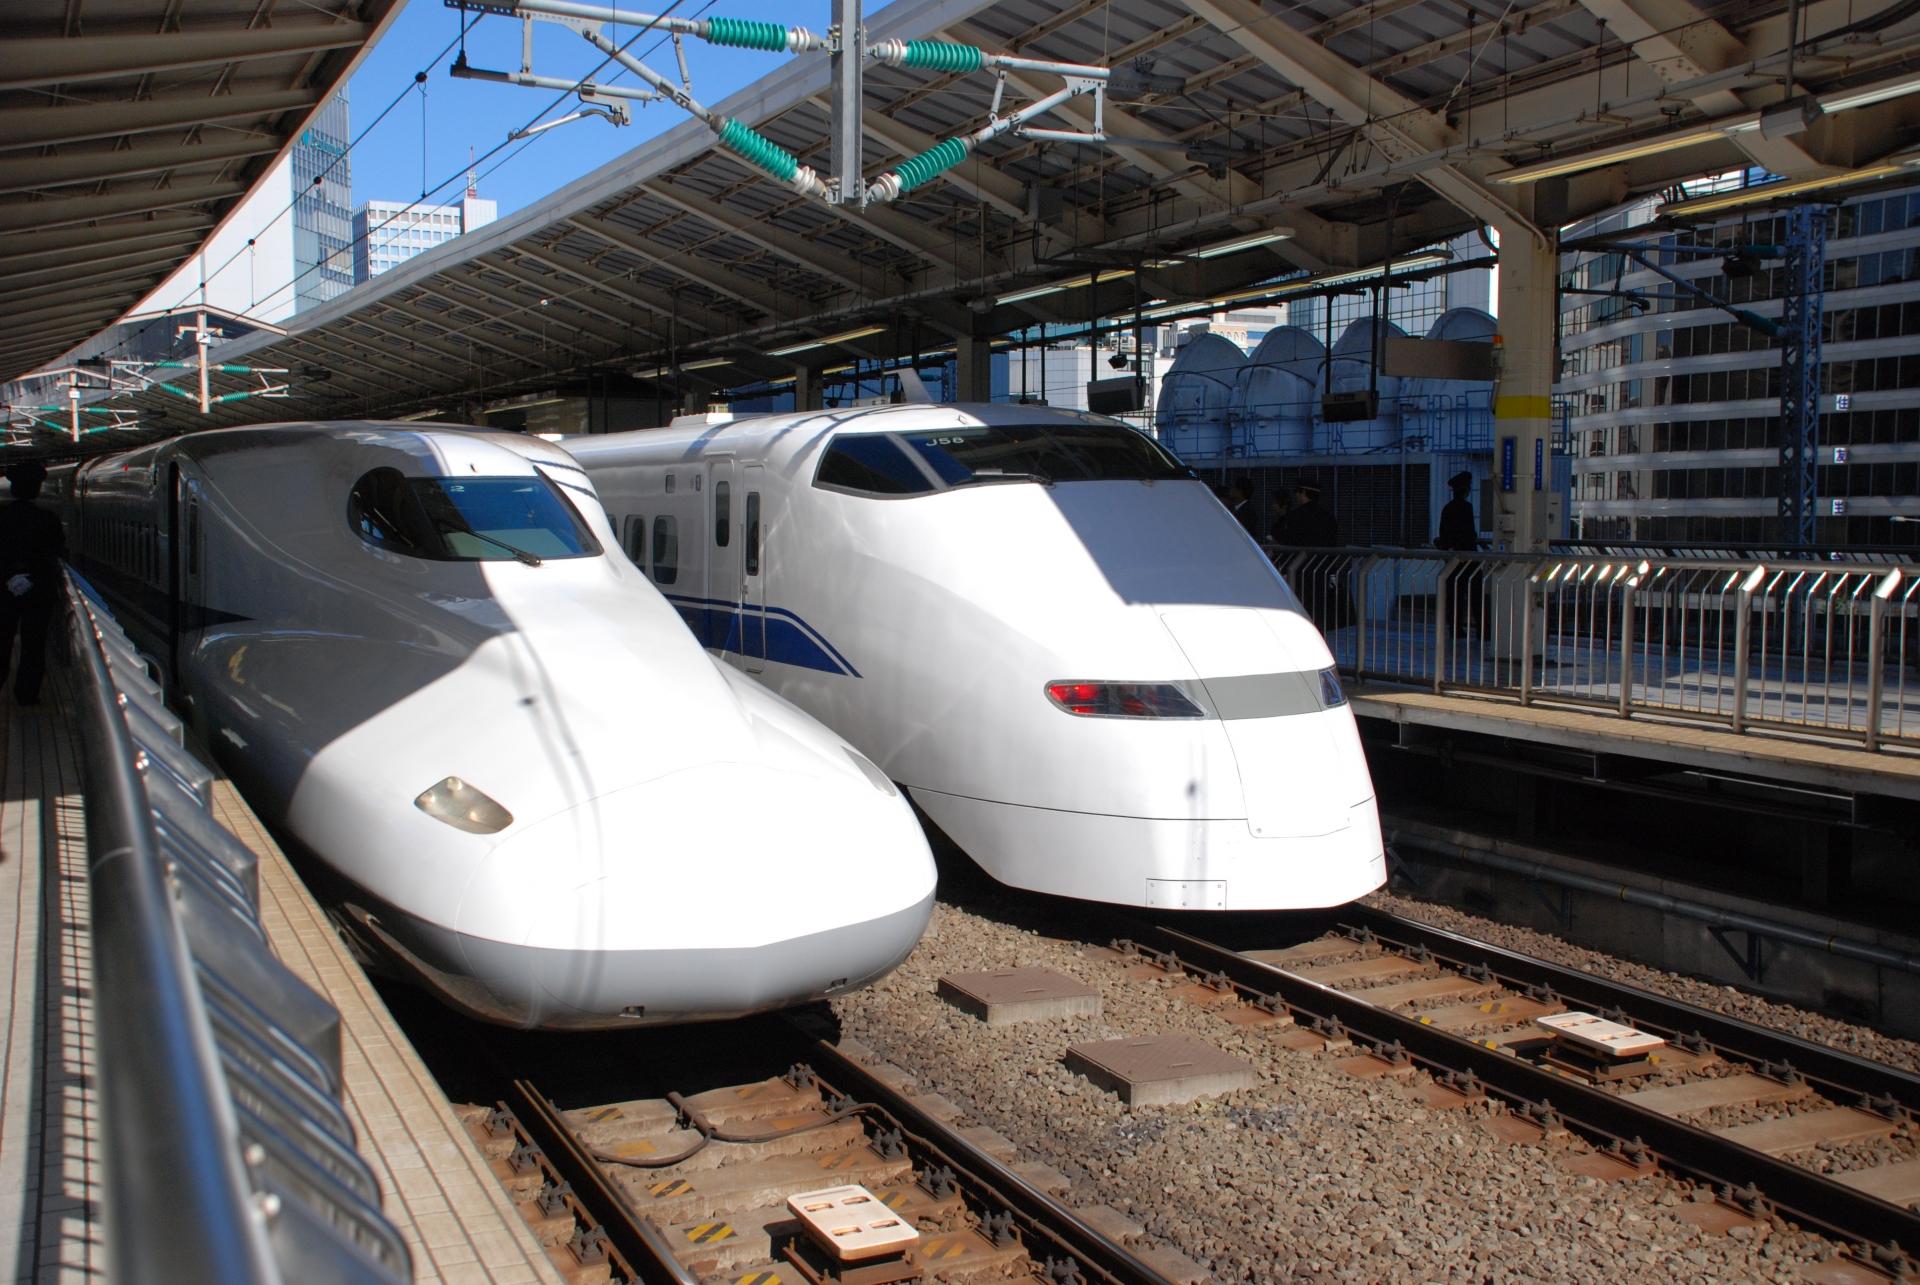 【鉄道限定】魅力たっぷり!日本の新幹線まとめ①